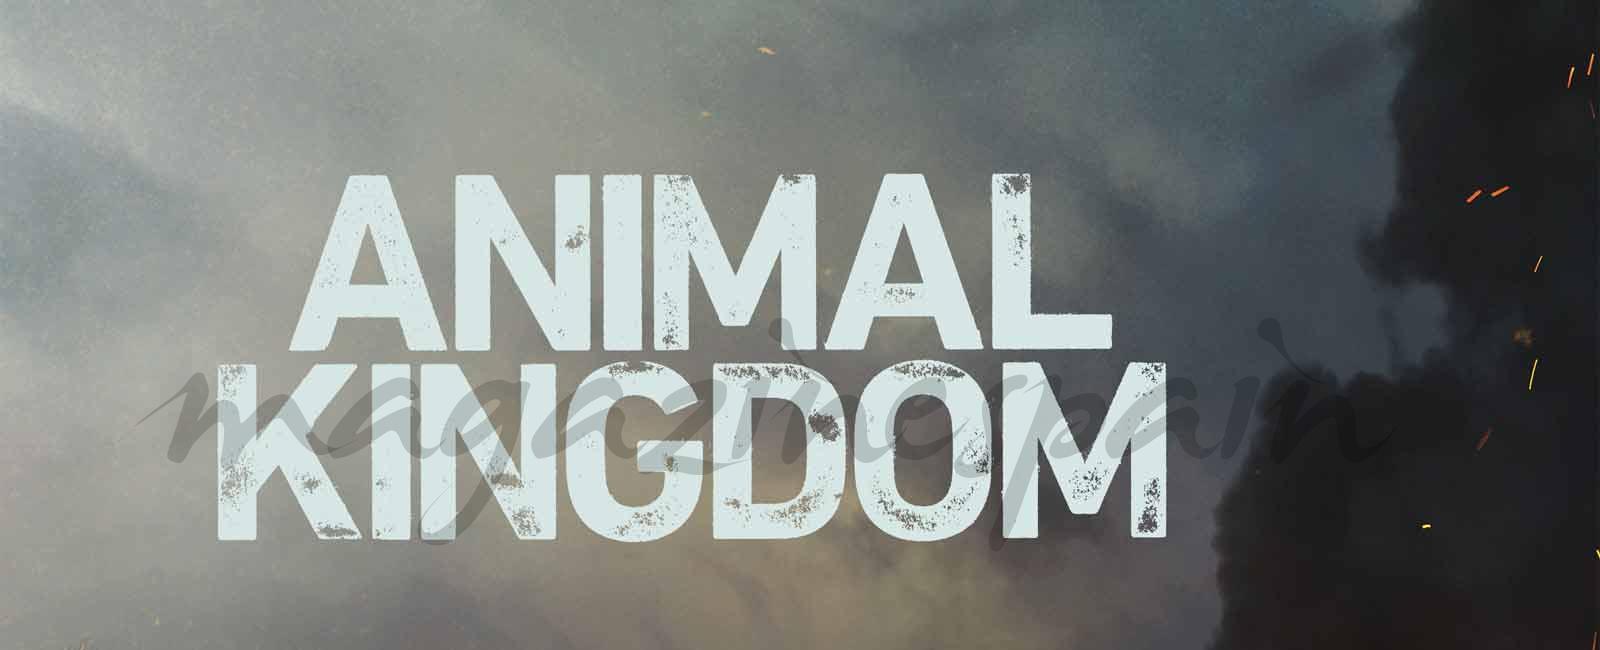 La familia puede convertirse en una jugosa trampa: 'Animal Kingdom', segunda temporada